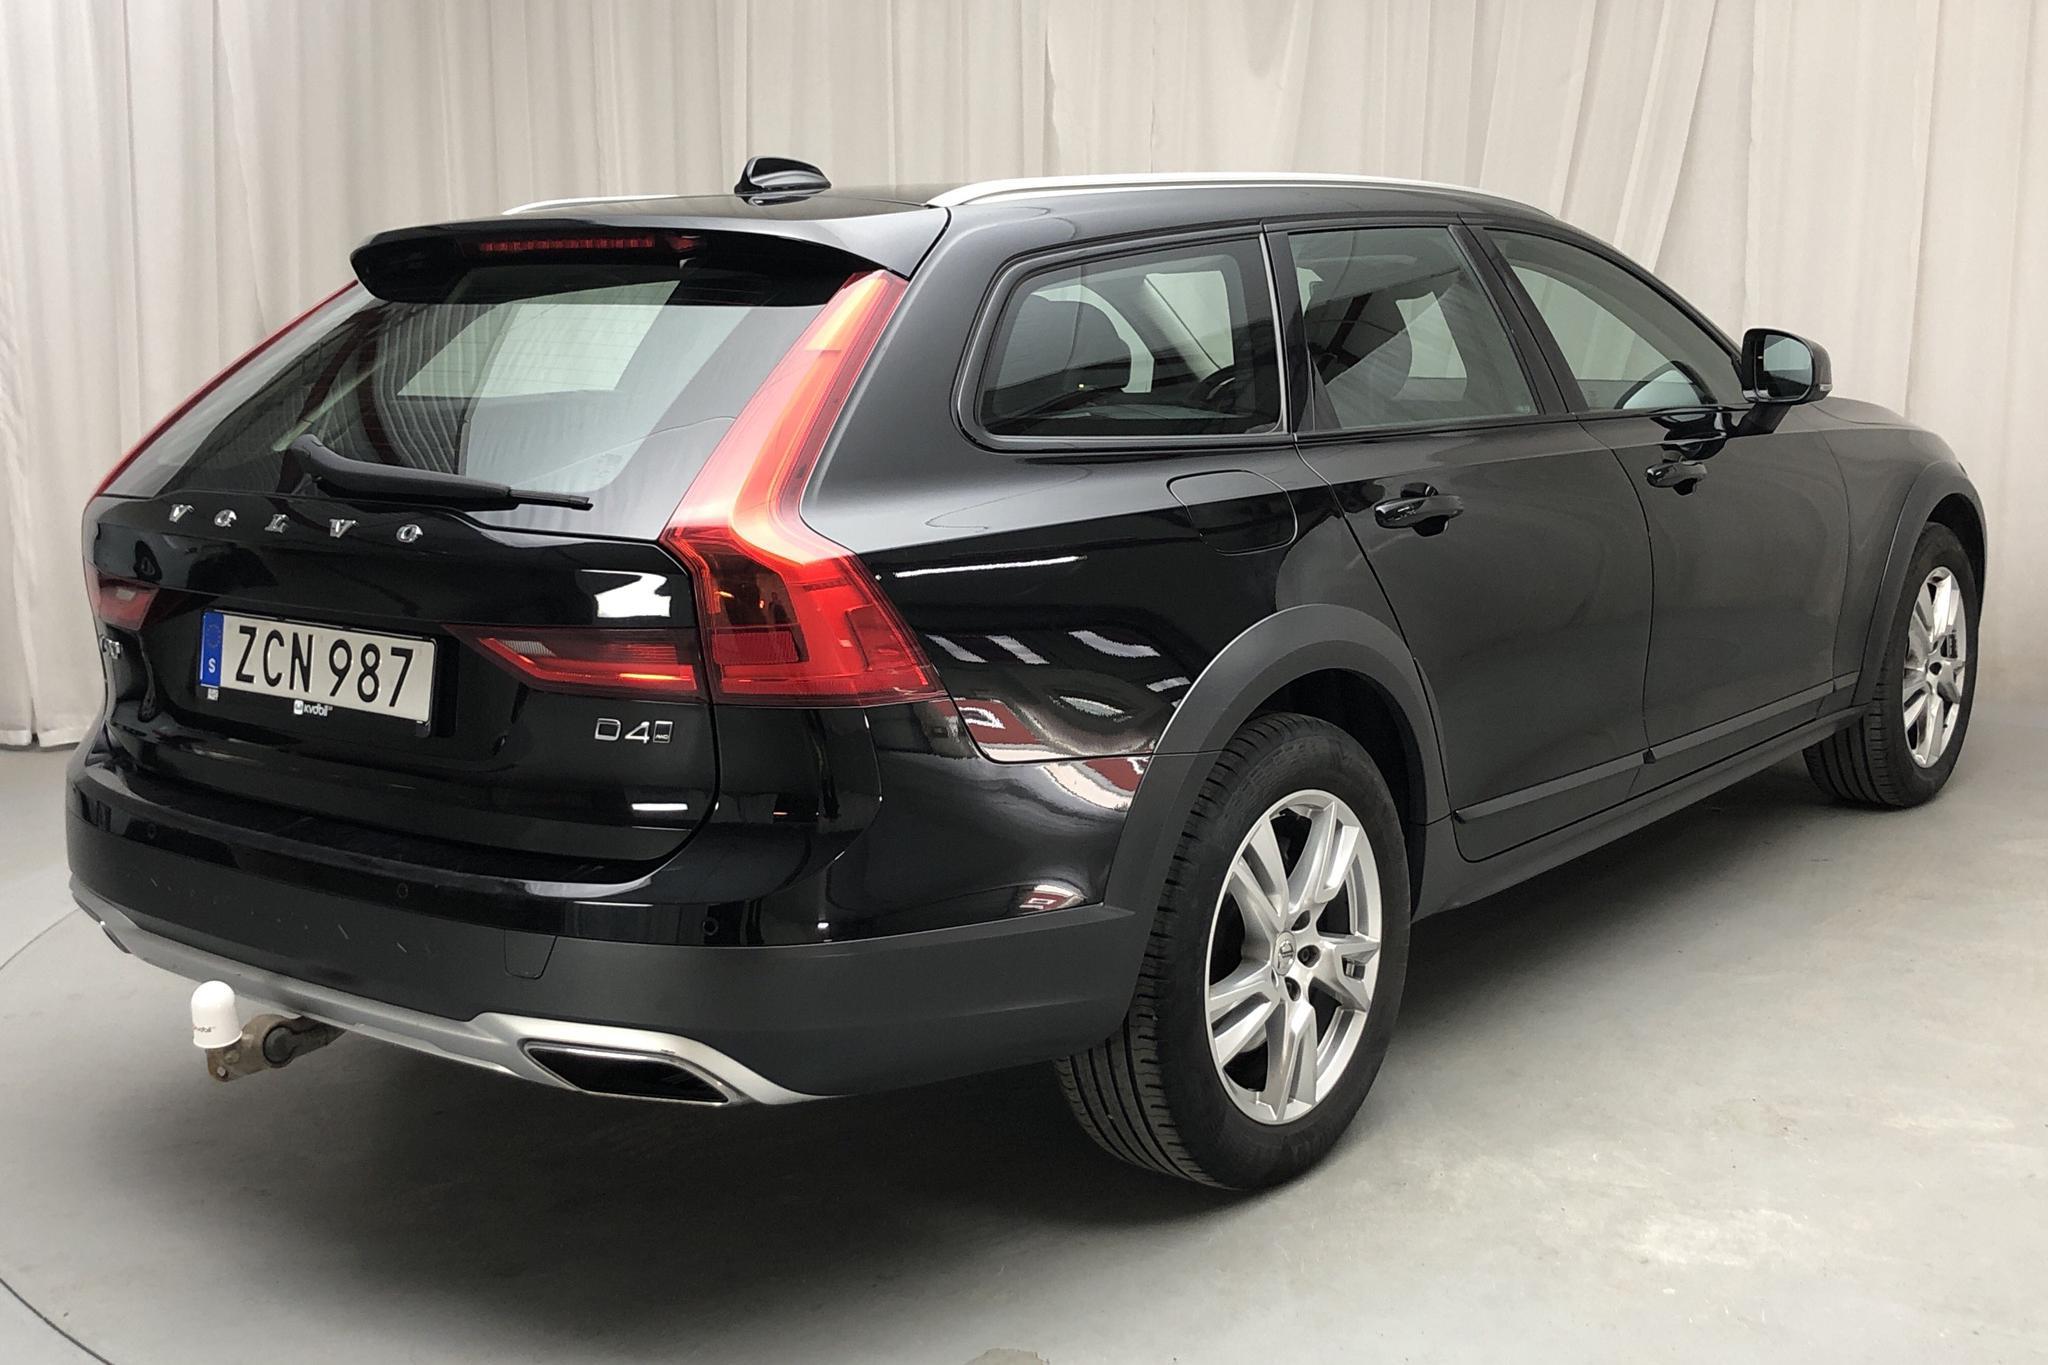 Volvo V90 D4 Cross Country AWD (190hk) - 225 840 km - Automatic - black - 2018